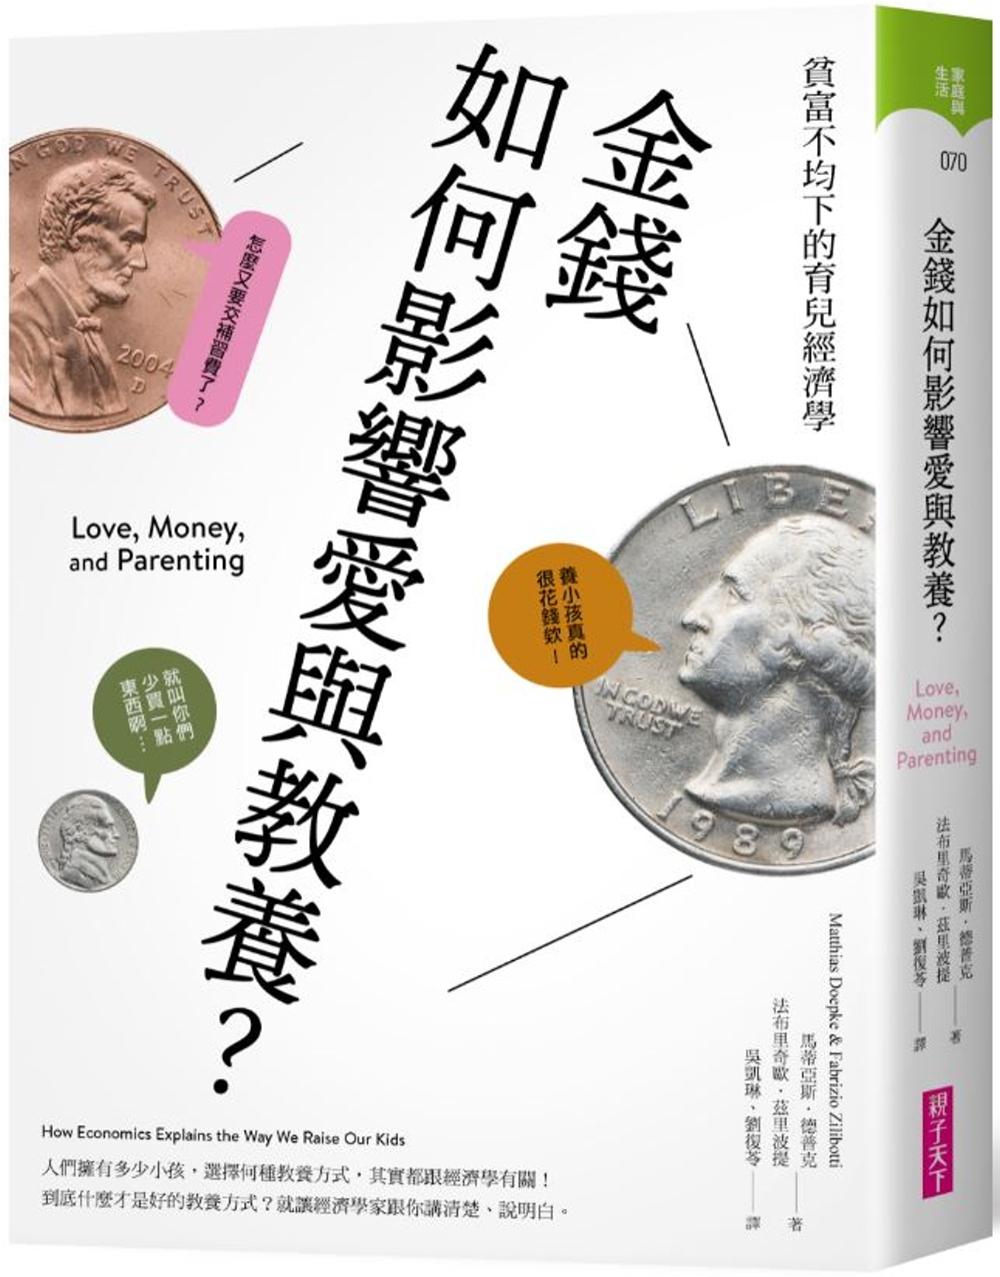 金錢如何影響愛與教養?:貧富不均下的育兒經濟學